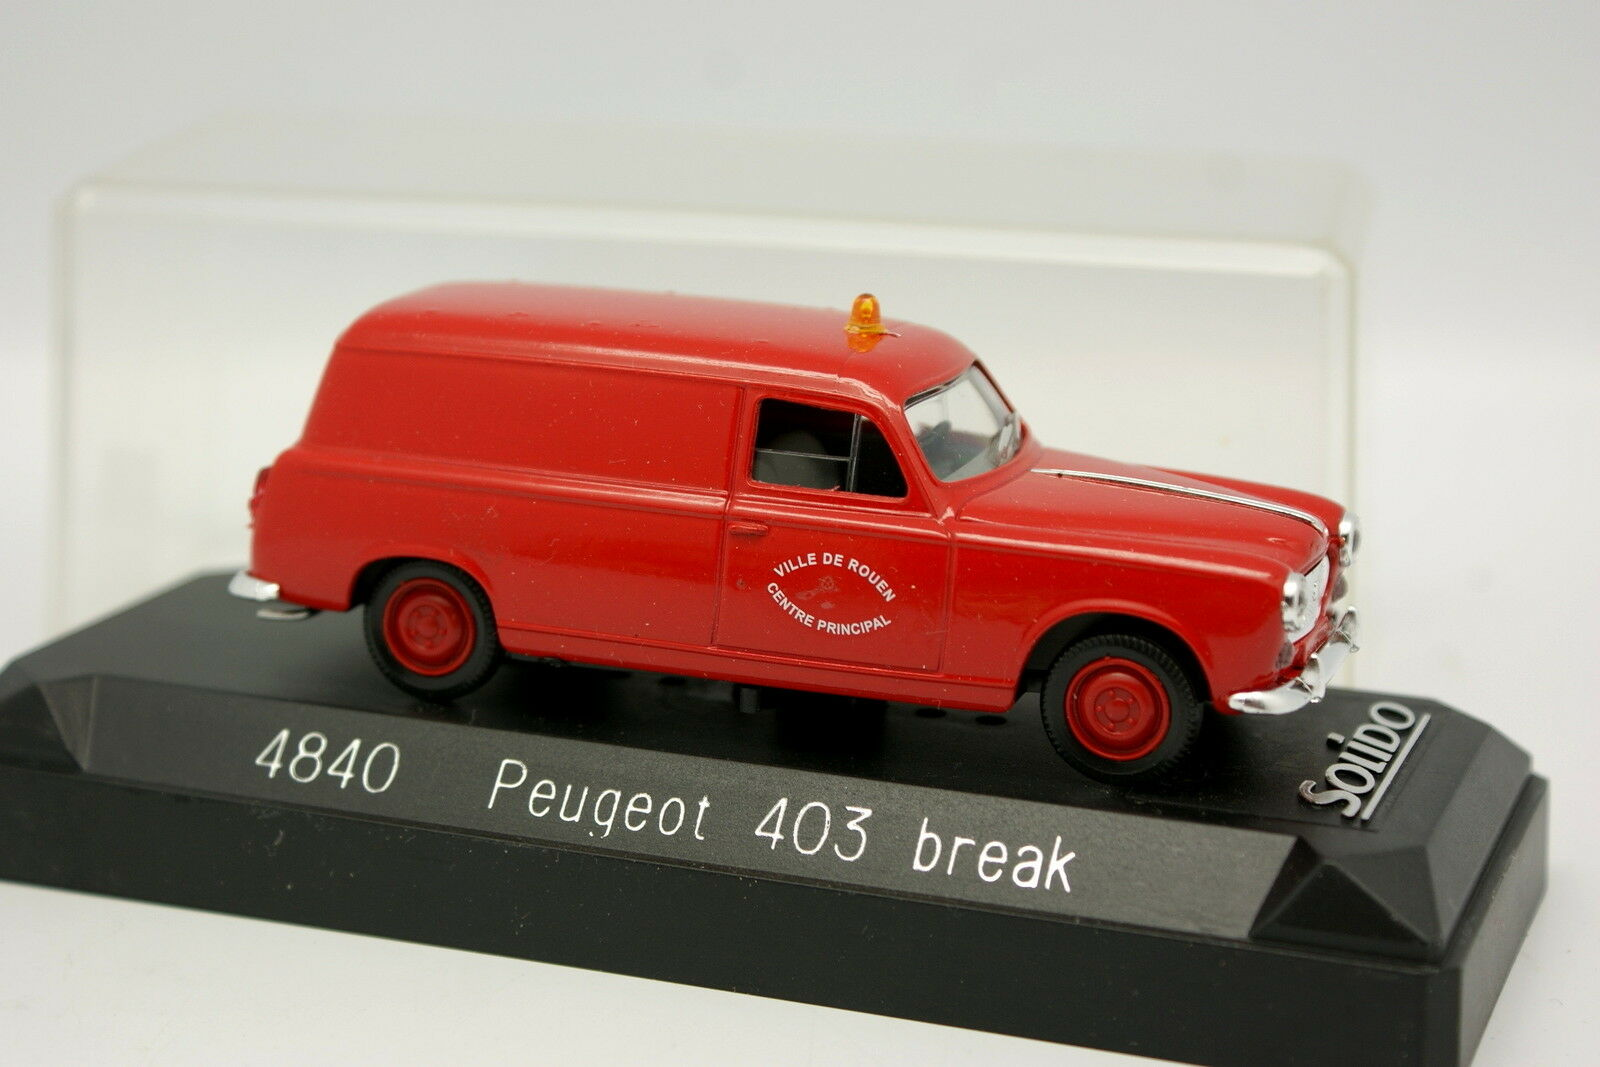 Solido 1 43 - - - Peugeot 403 Firefighters Break Rouen 7b0ebd